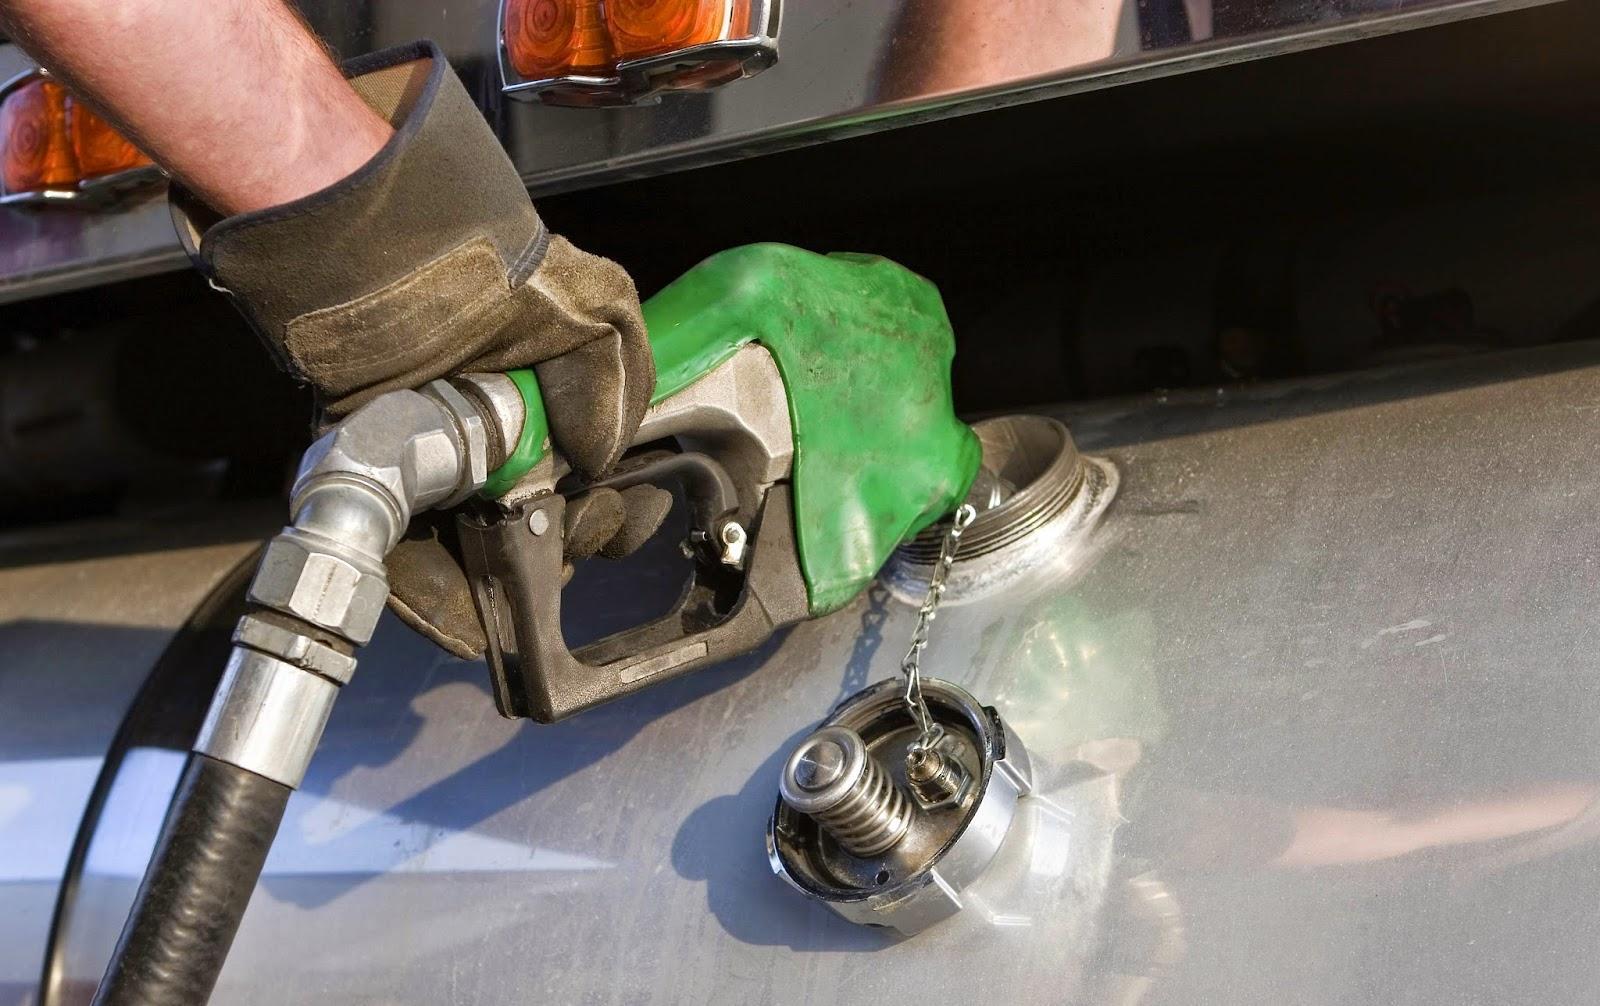 Projeto de lei prevê isenção de imposto sobre combustível para caminhoneiros